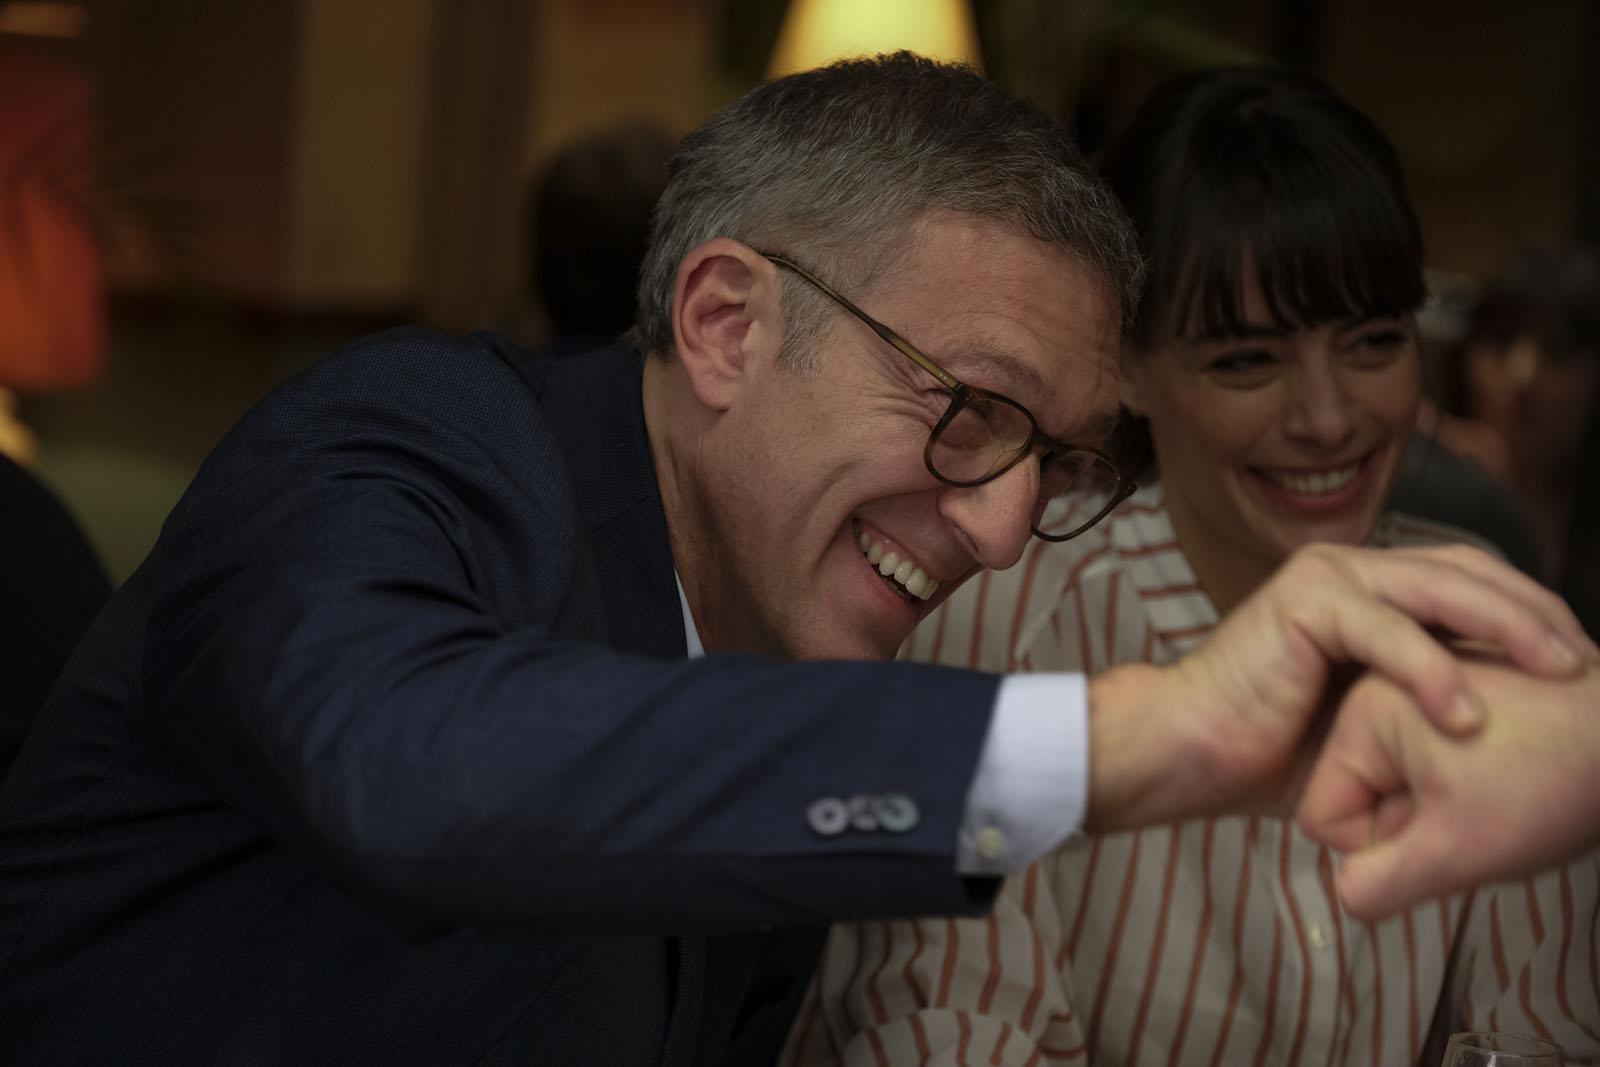 Le Bonheur des uns... : Critique de la comédie de Daniel Cohen avec Bérénice Béjo, Vincent Cassel, Florence Foresti et François Damiens.